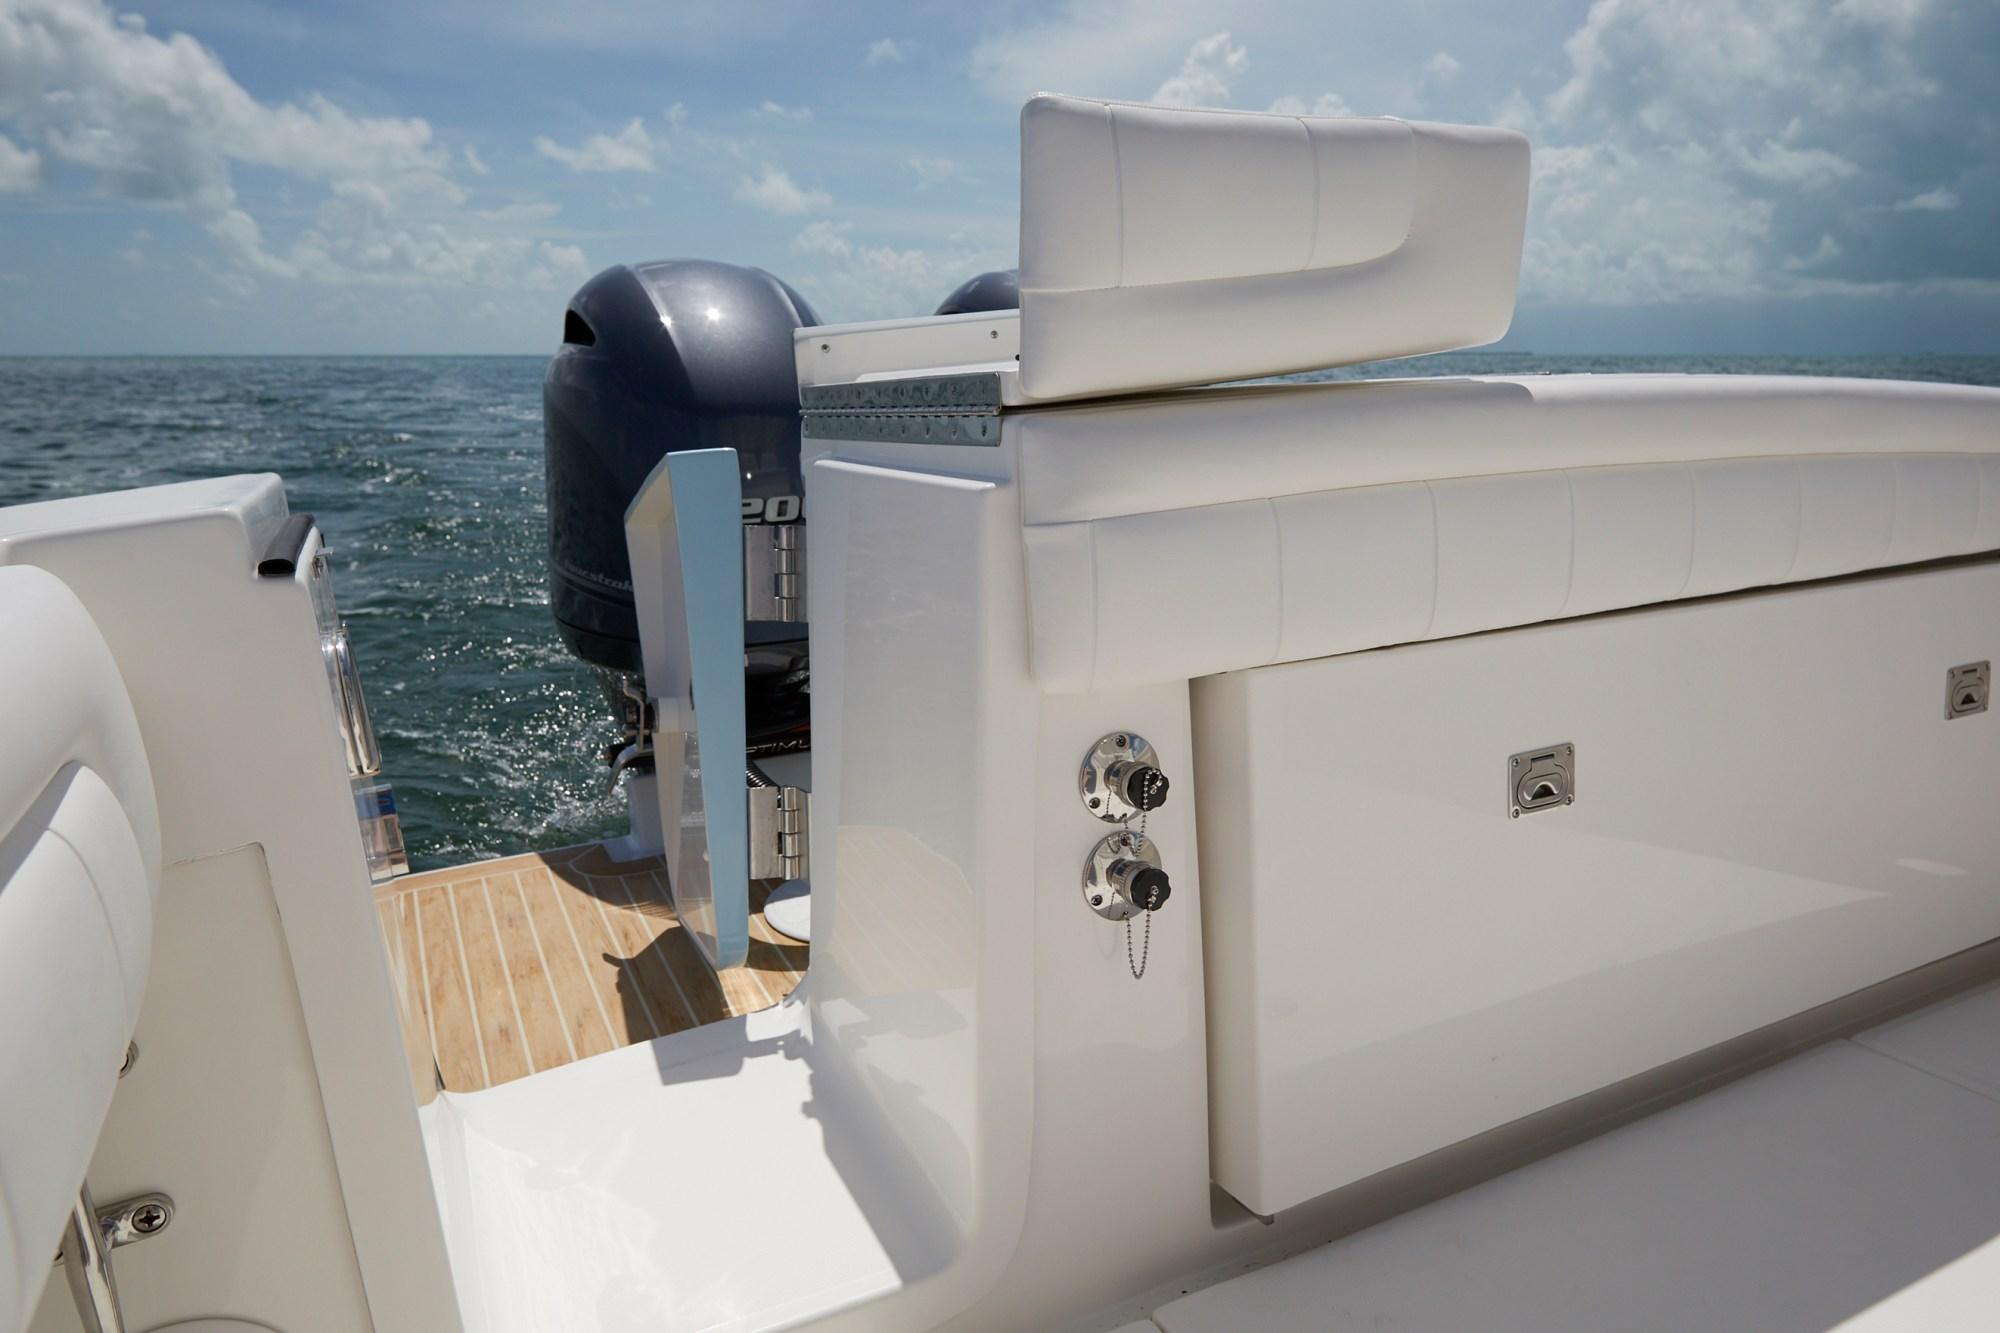 hight resolution of regulator 25 transom tuna door open